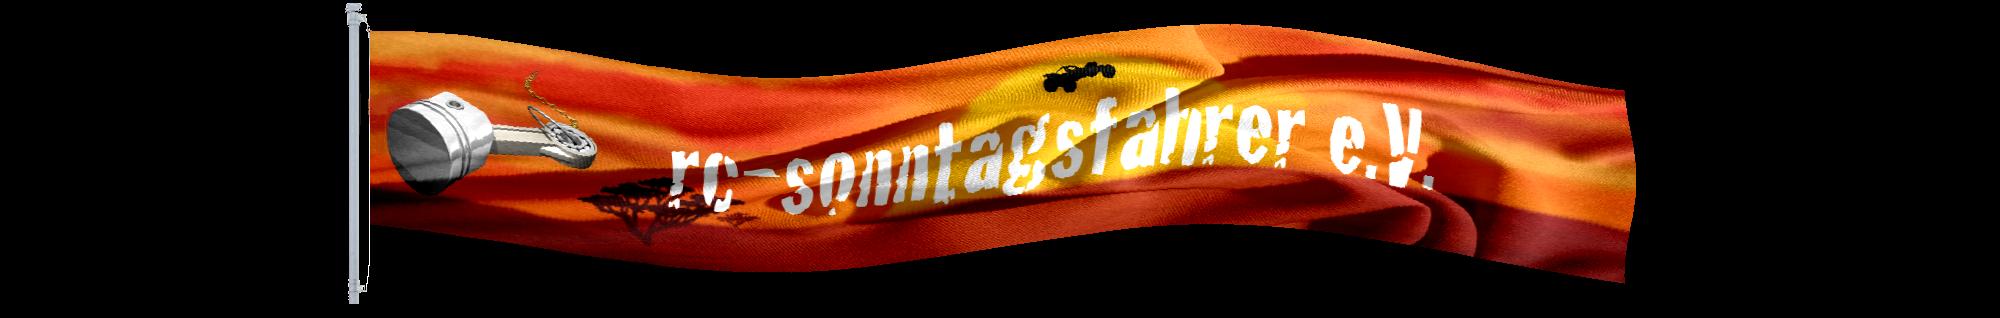 rc-sonntagsfahrer e.V. Modellsport-Verein RC CAR Hainburg/Hessen